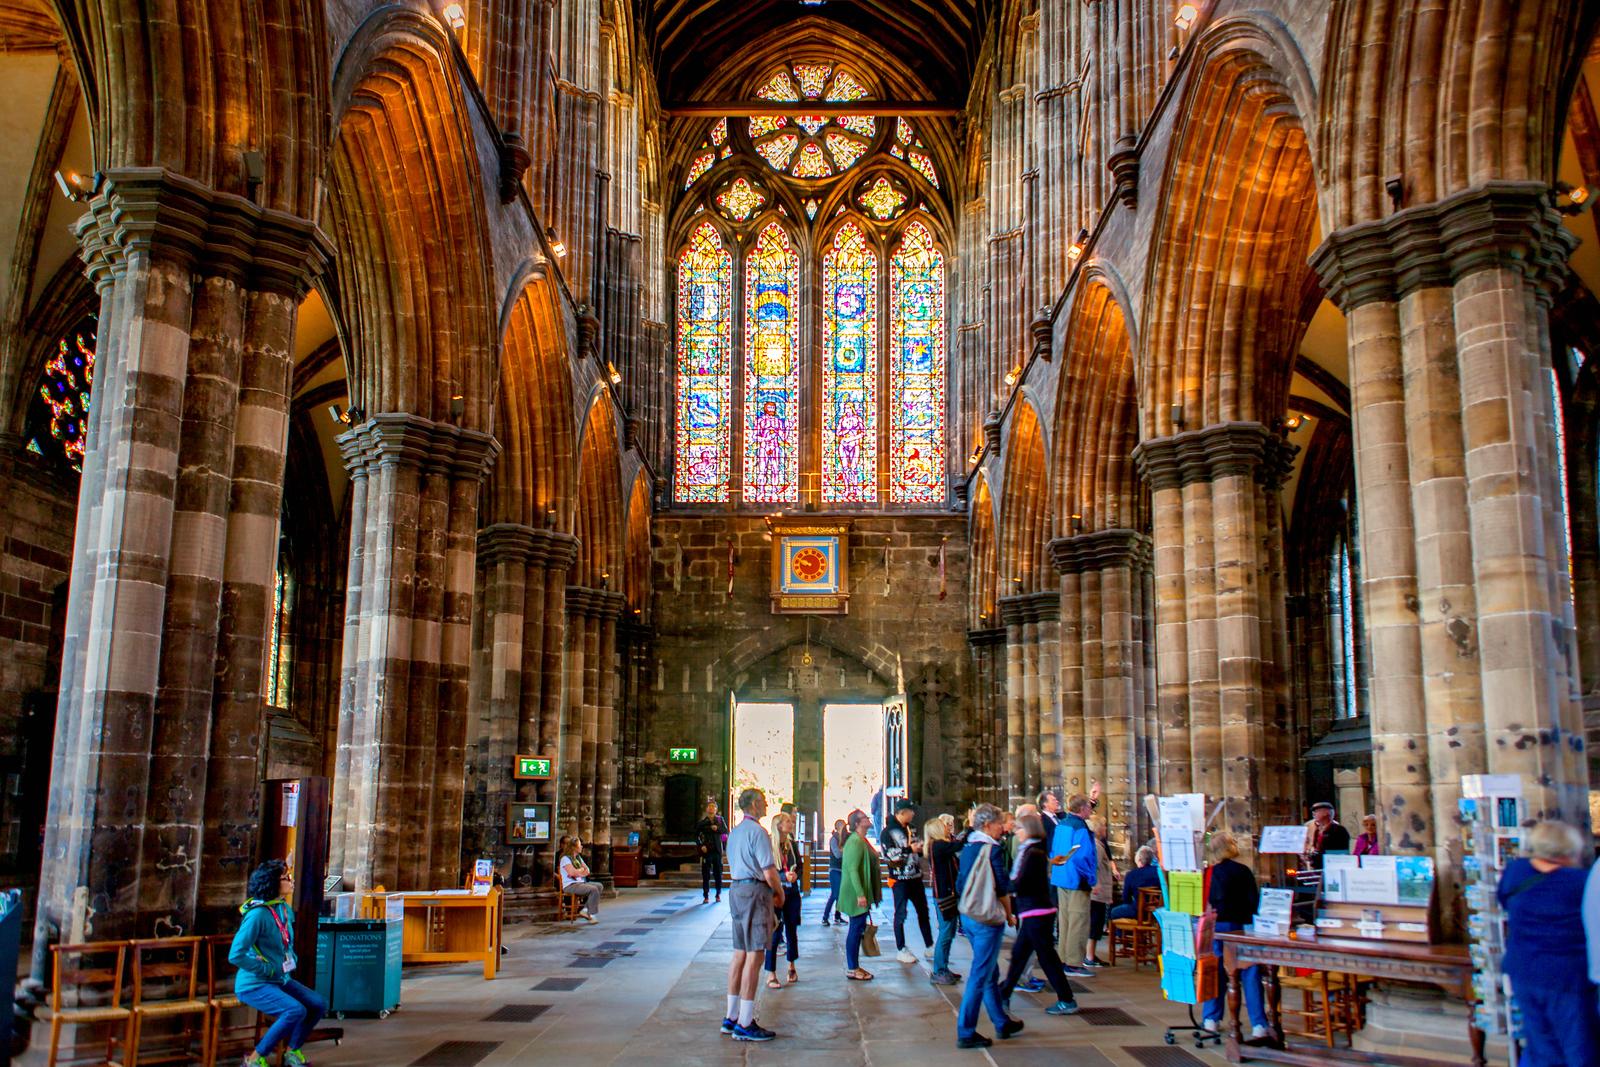 苏格兰格拉斯哥大教堂,光彩夺目的建筑